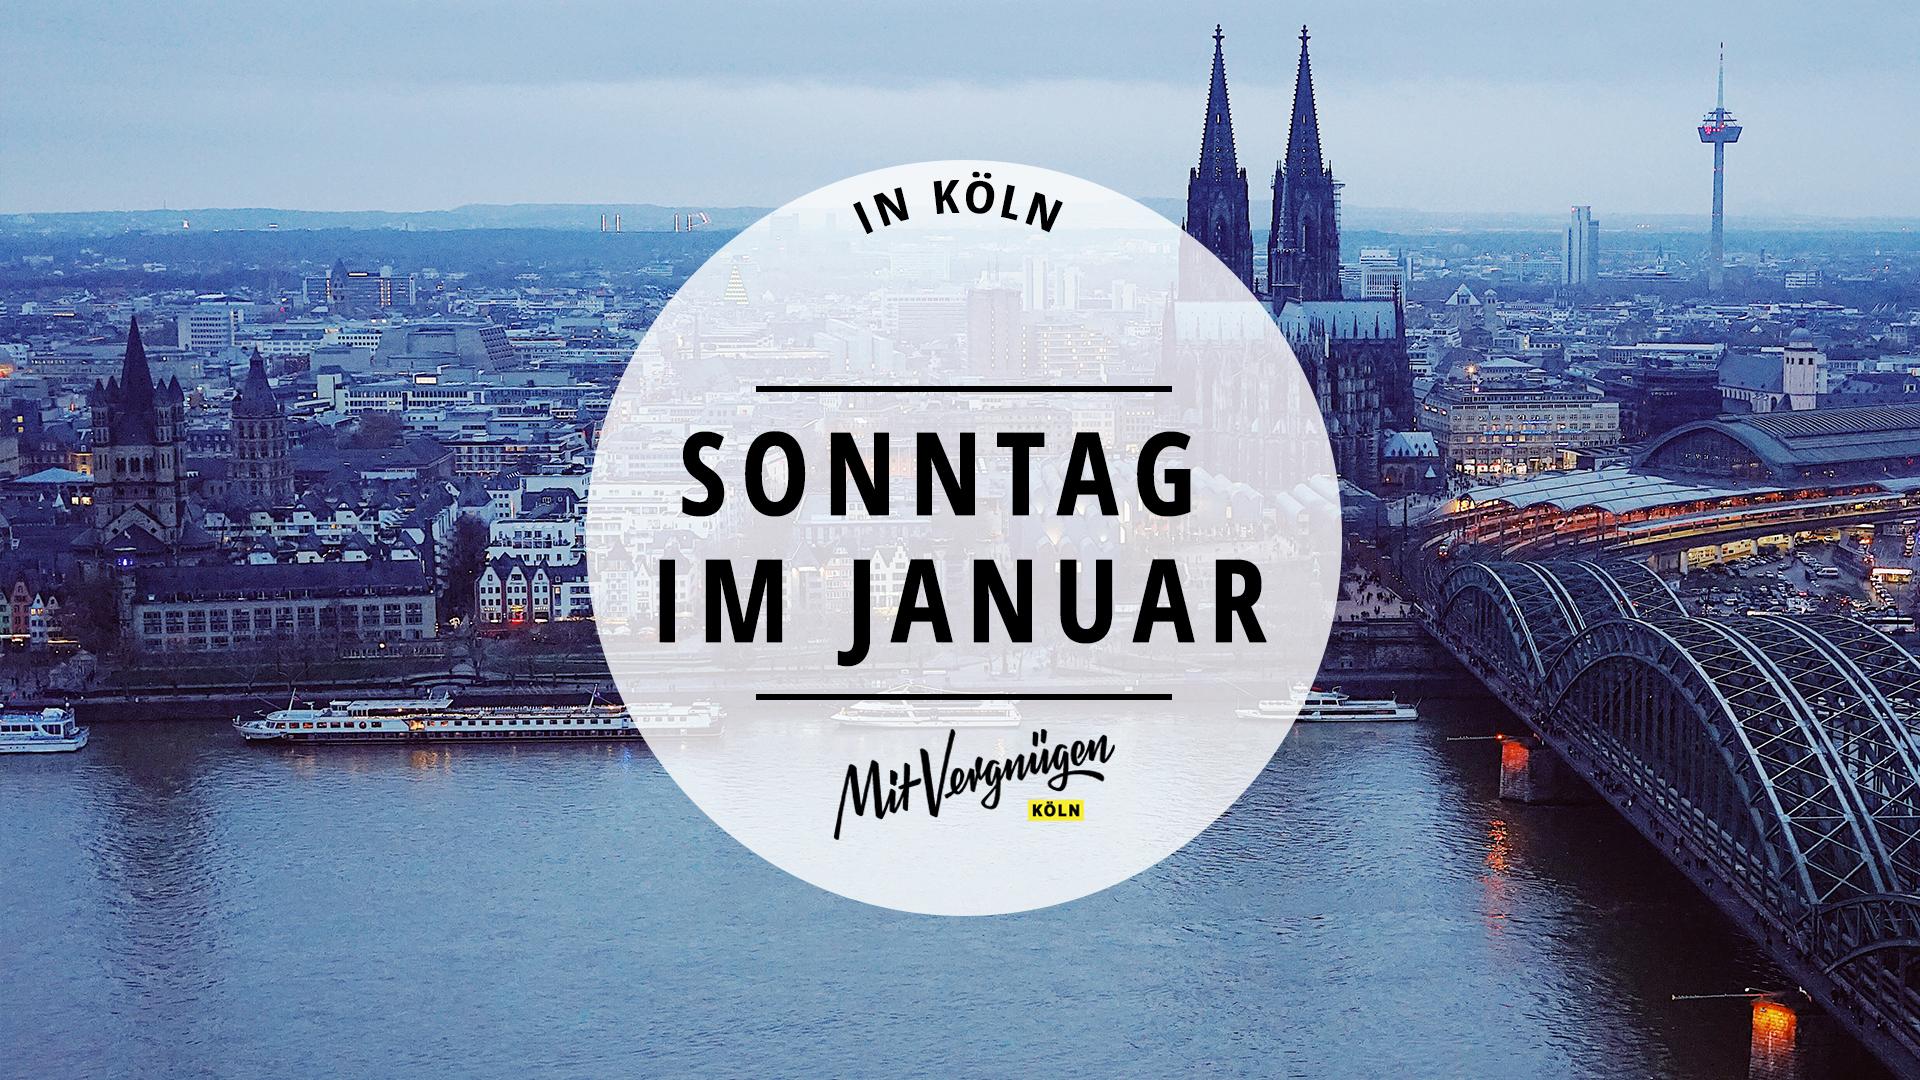 Was Kann Man Sonntags In Köln Machen